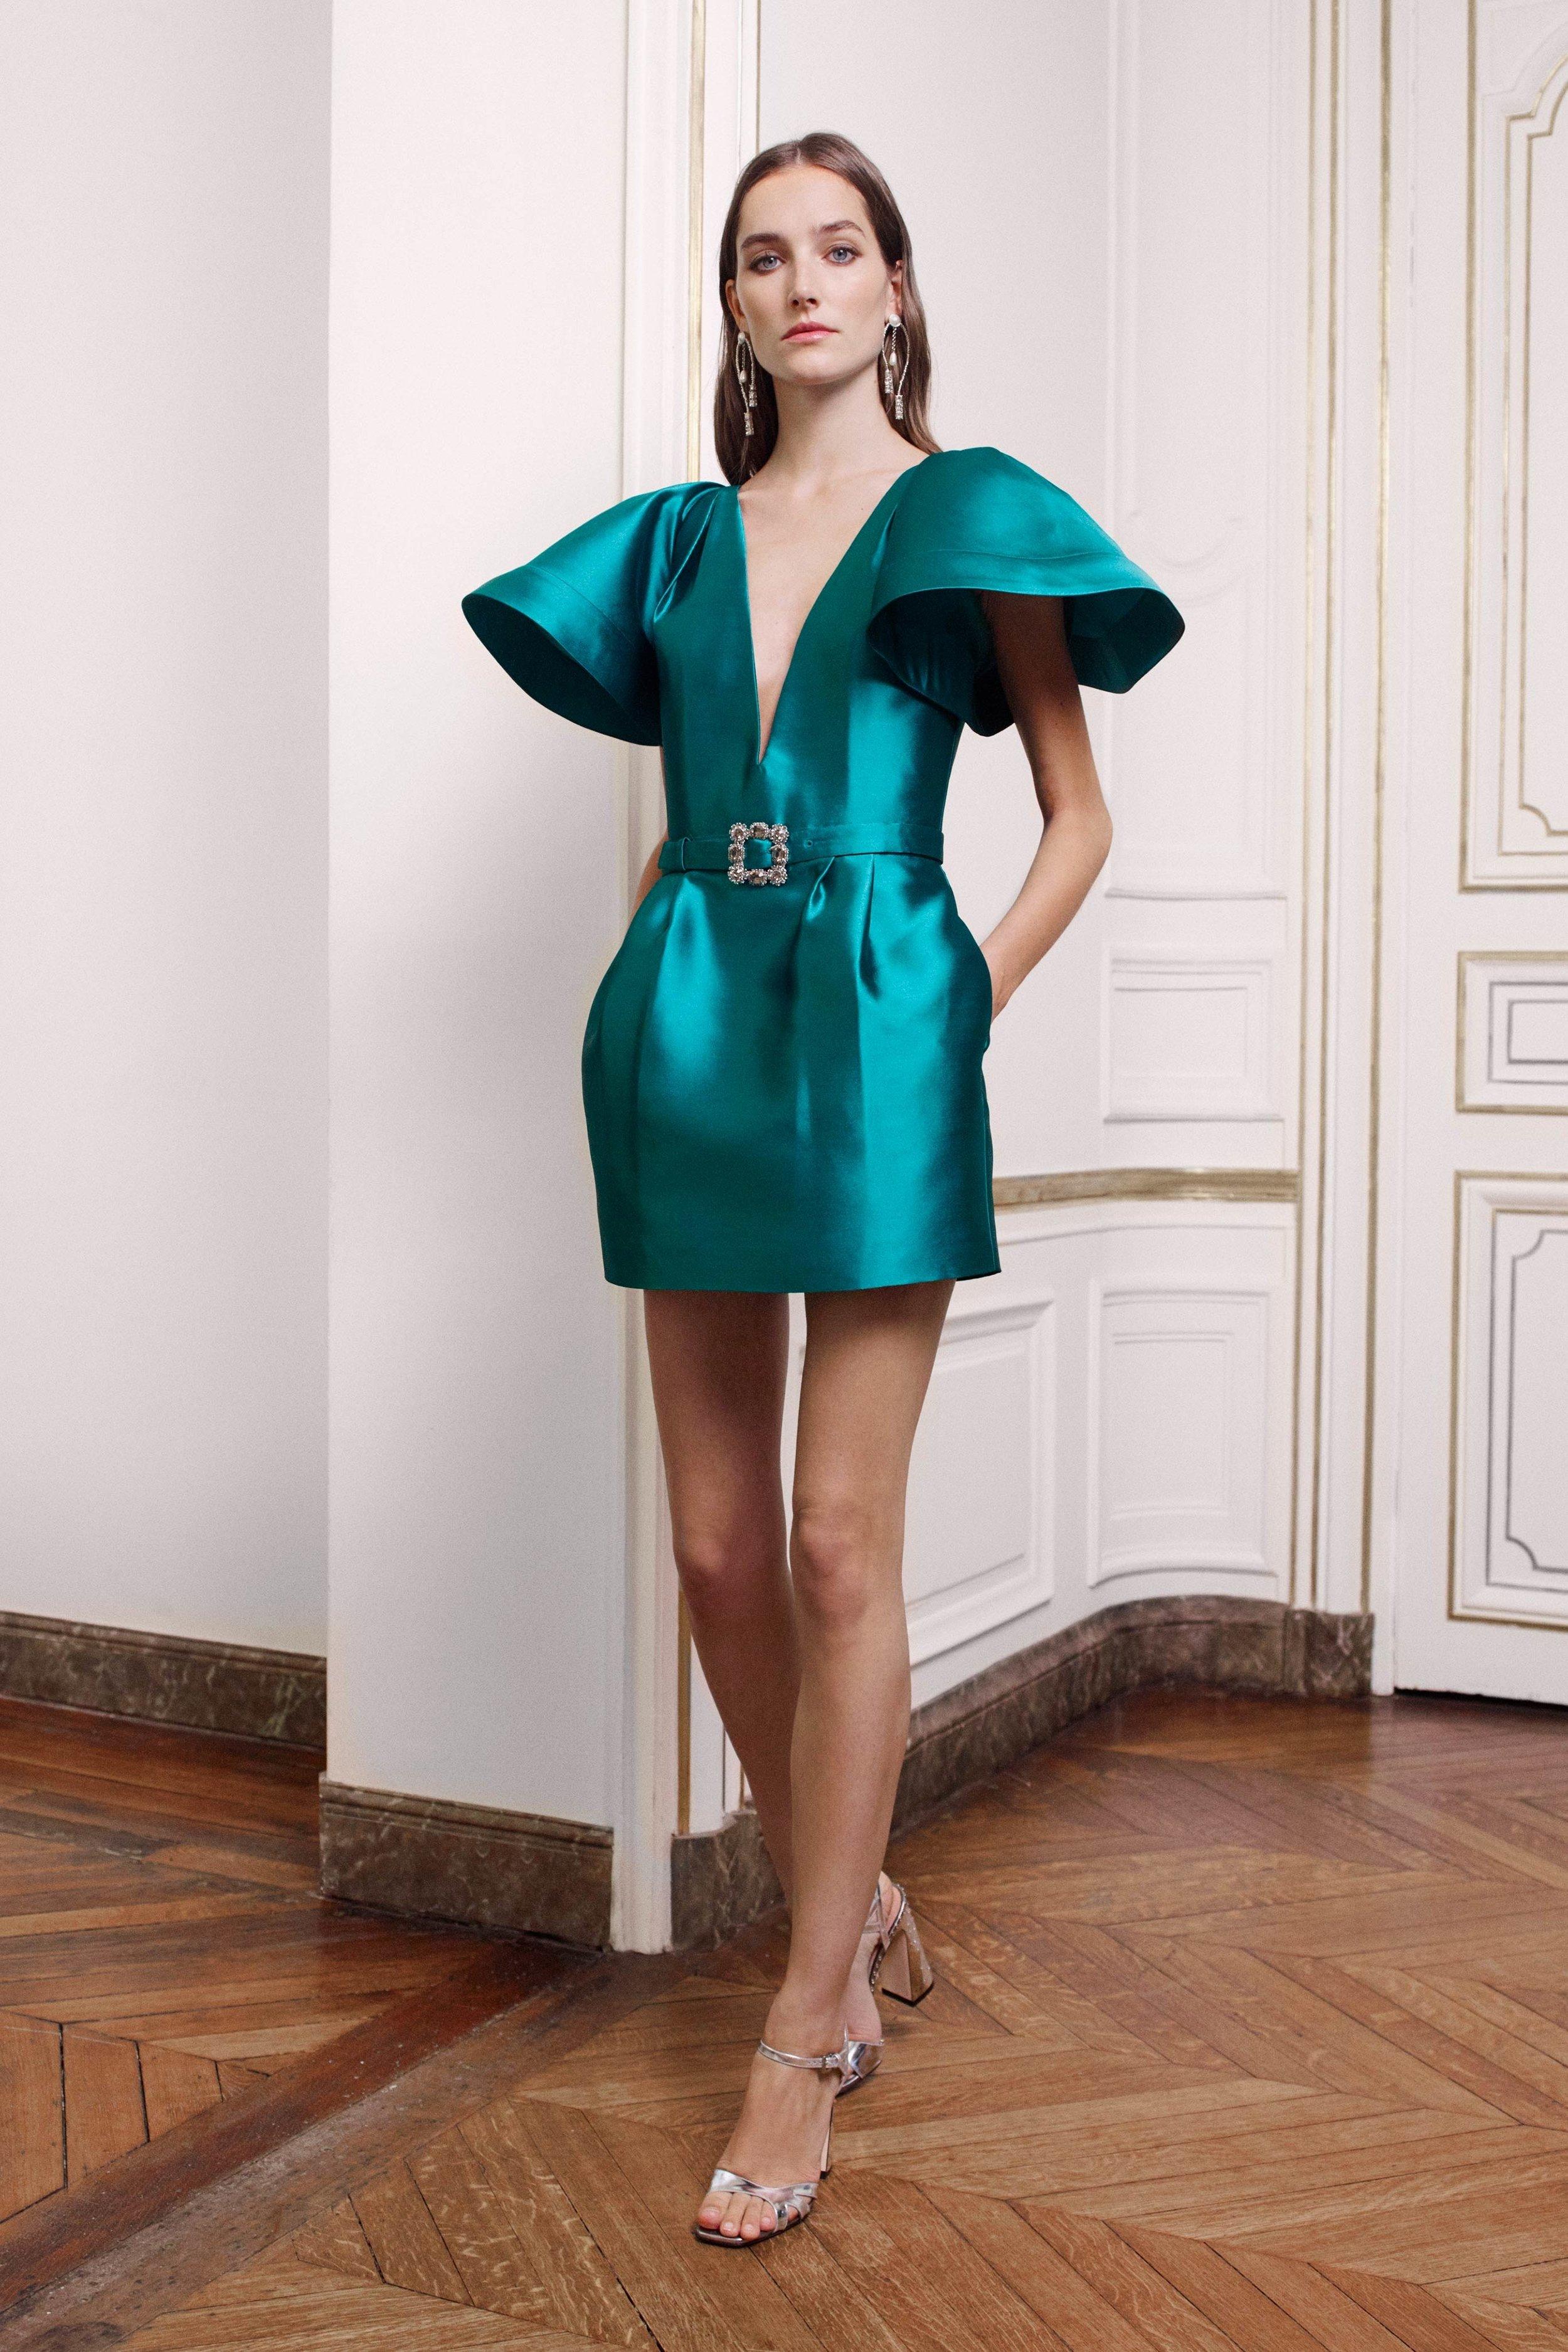 00004-alberta-ferreti-paris-couture-spring-19.jpg